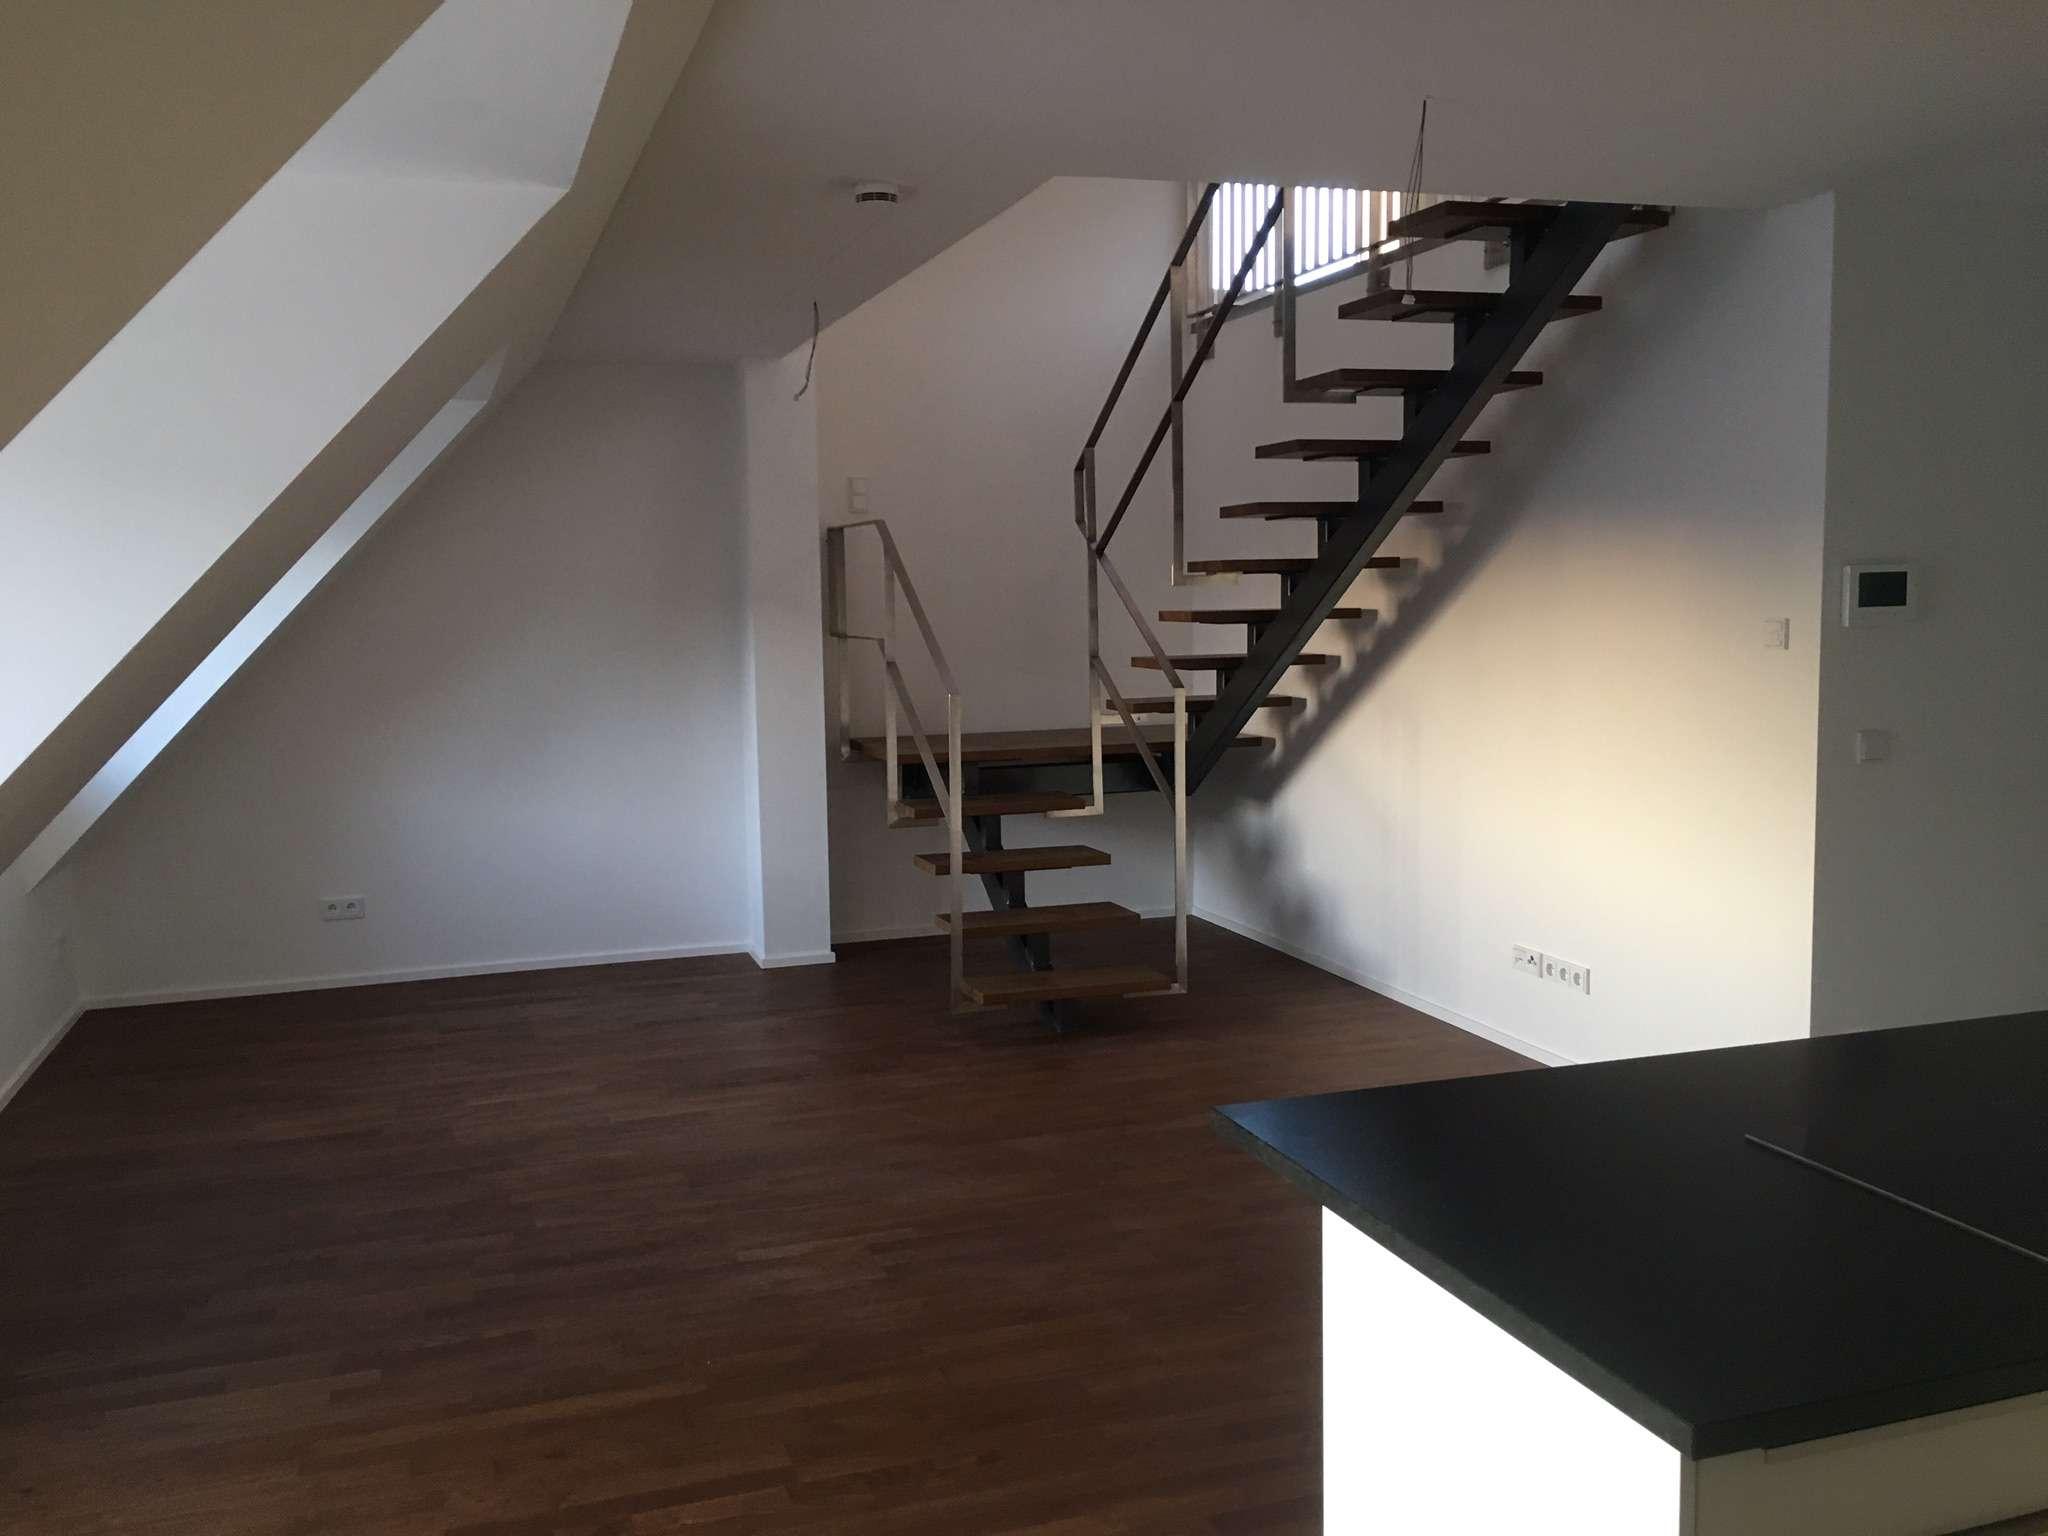 Exklusive 3-Zimmer DG Wohnung mit Galerie und Balkon in München Ost in Trudering (München)